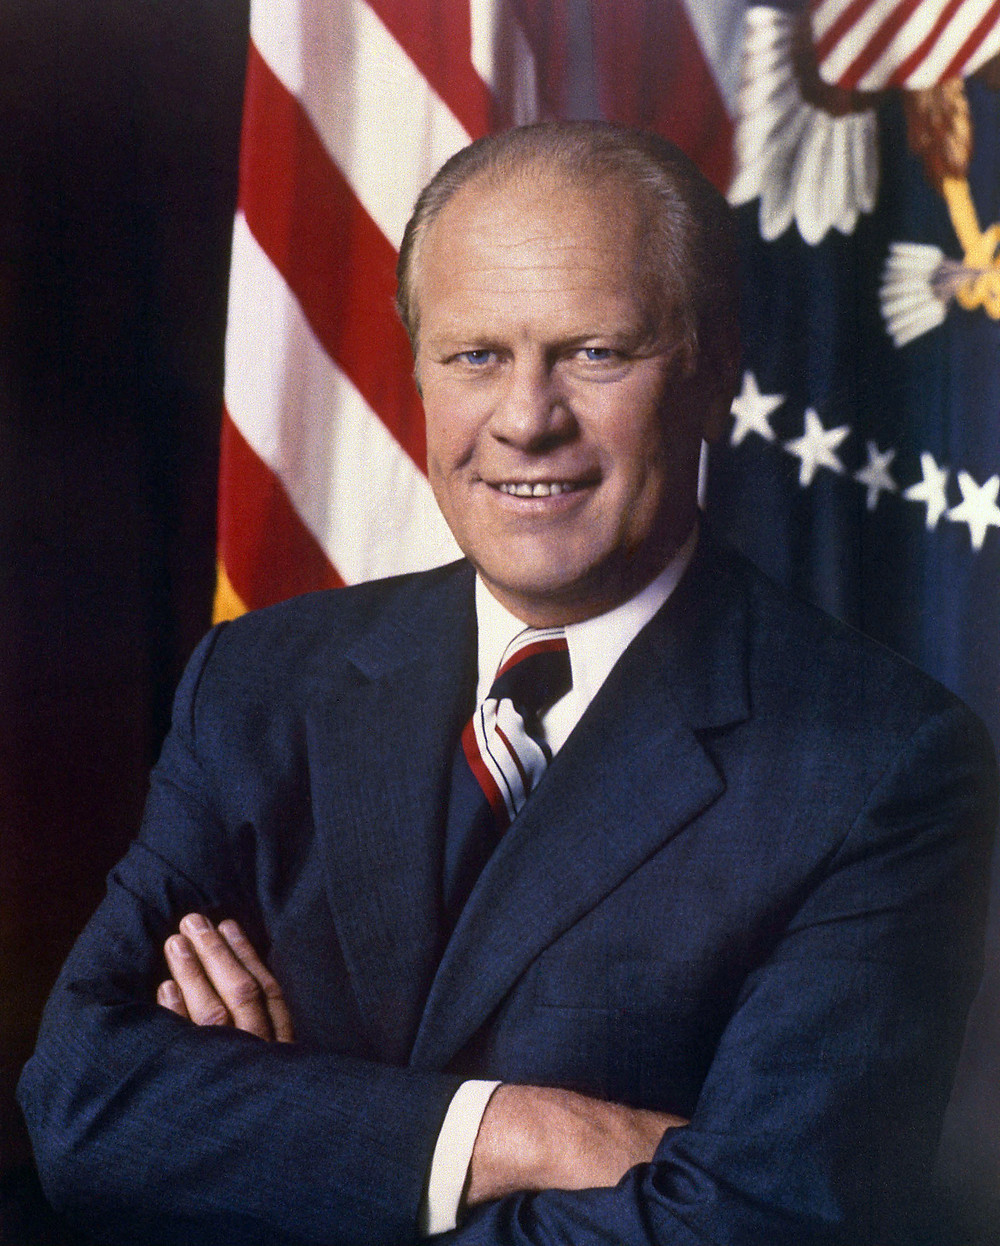 傑拉德·福特(Gerald Ford)美國第40任副總統和第38任總統